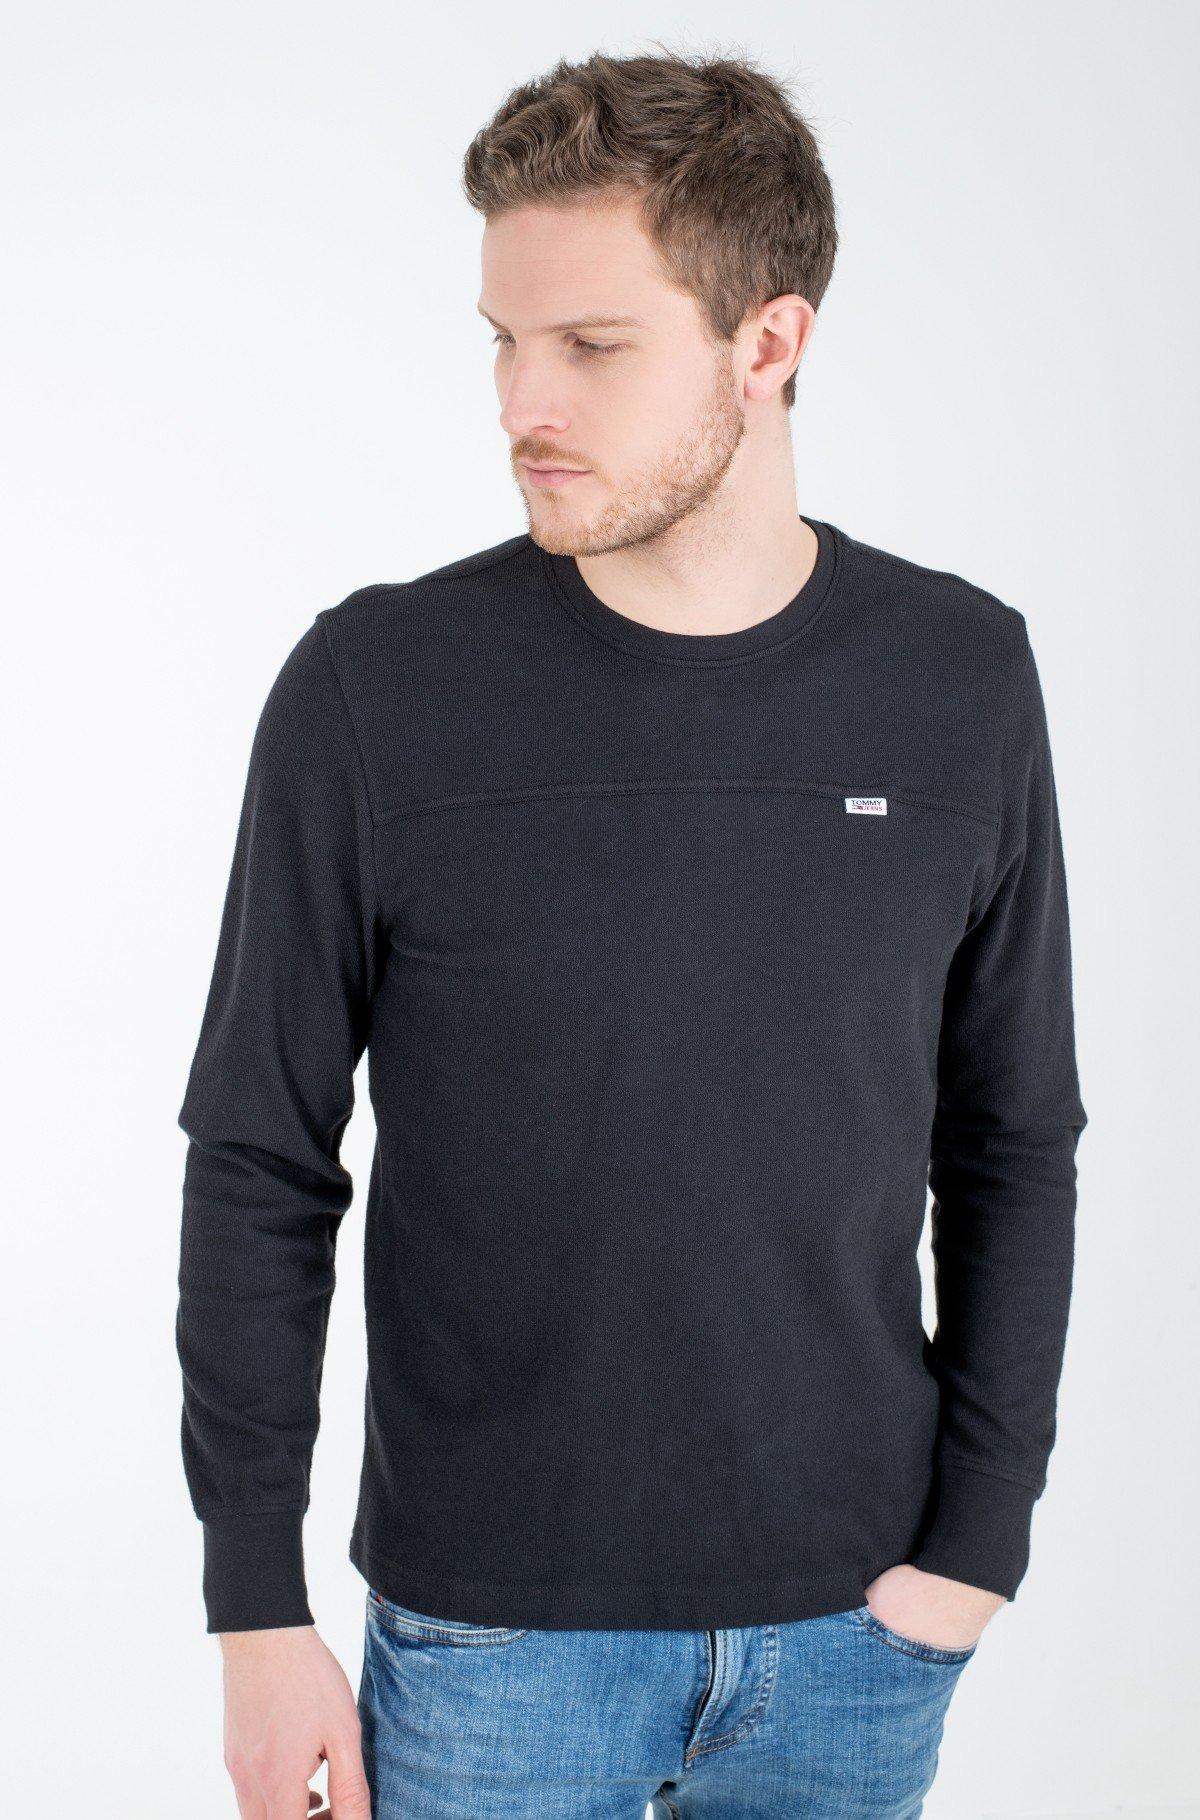 T-krekls ar garām piedurknēm  TJM FRONT SEAM DETAIL TEE-full-1